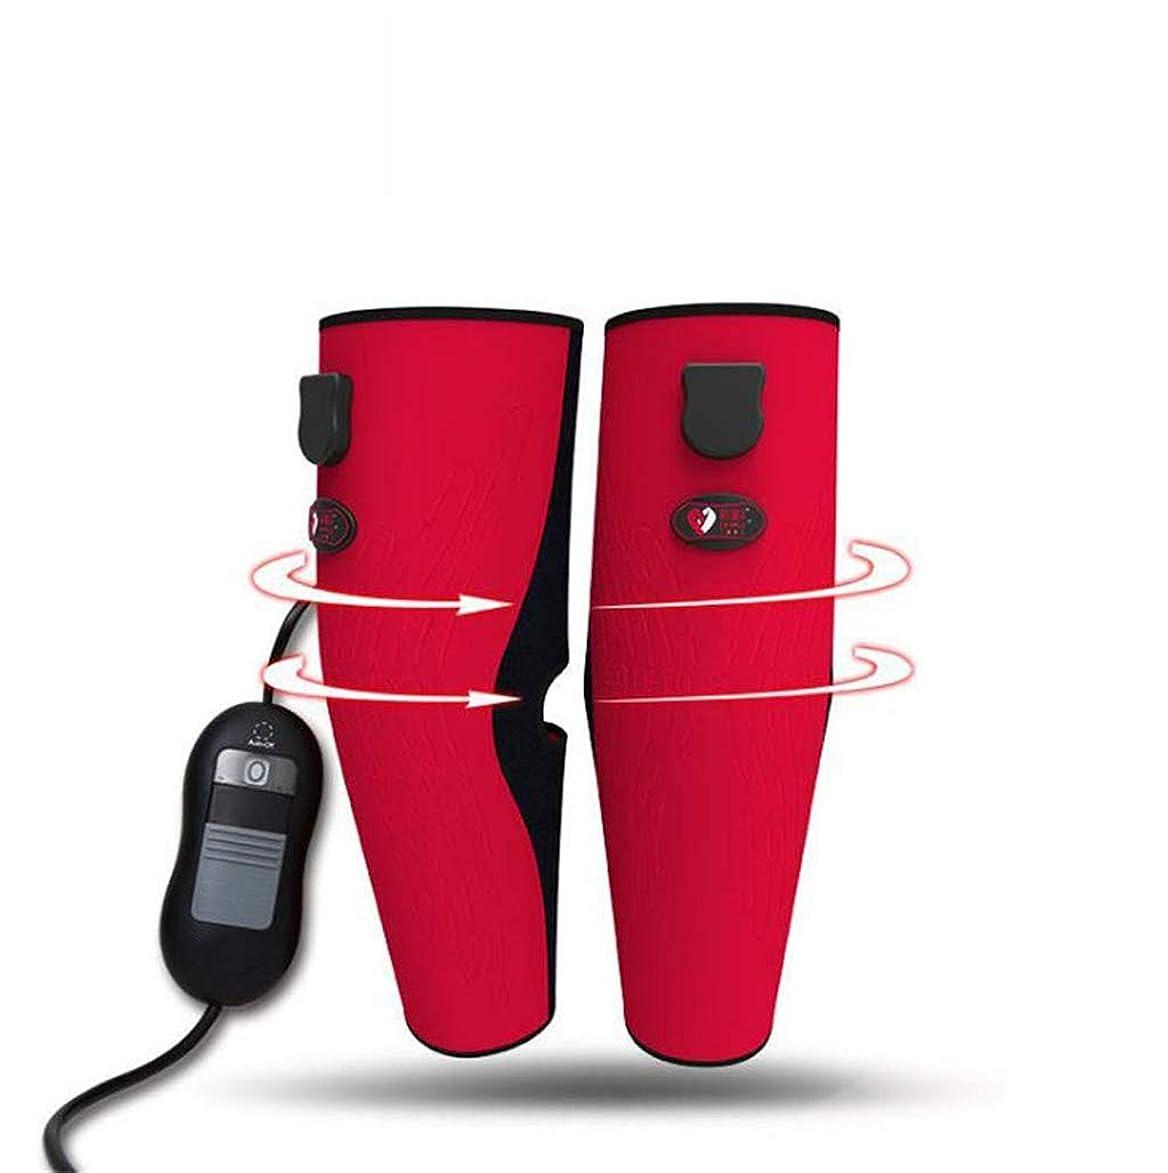 羊の服を着た狼言い直す火山学者温められた足のマッサージャー、膝と足の痛みを和らげる治療装置、3モード温度制御の痛みを和らげる治療装置